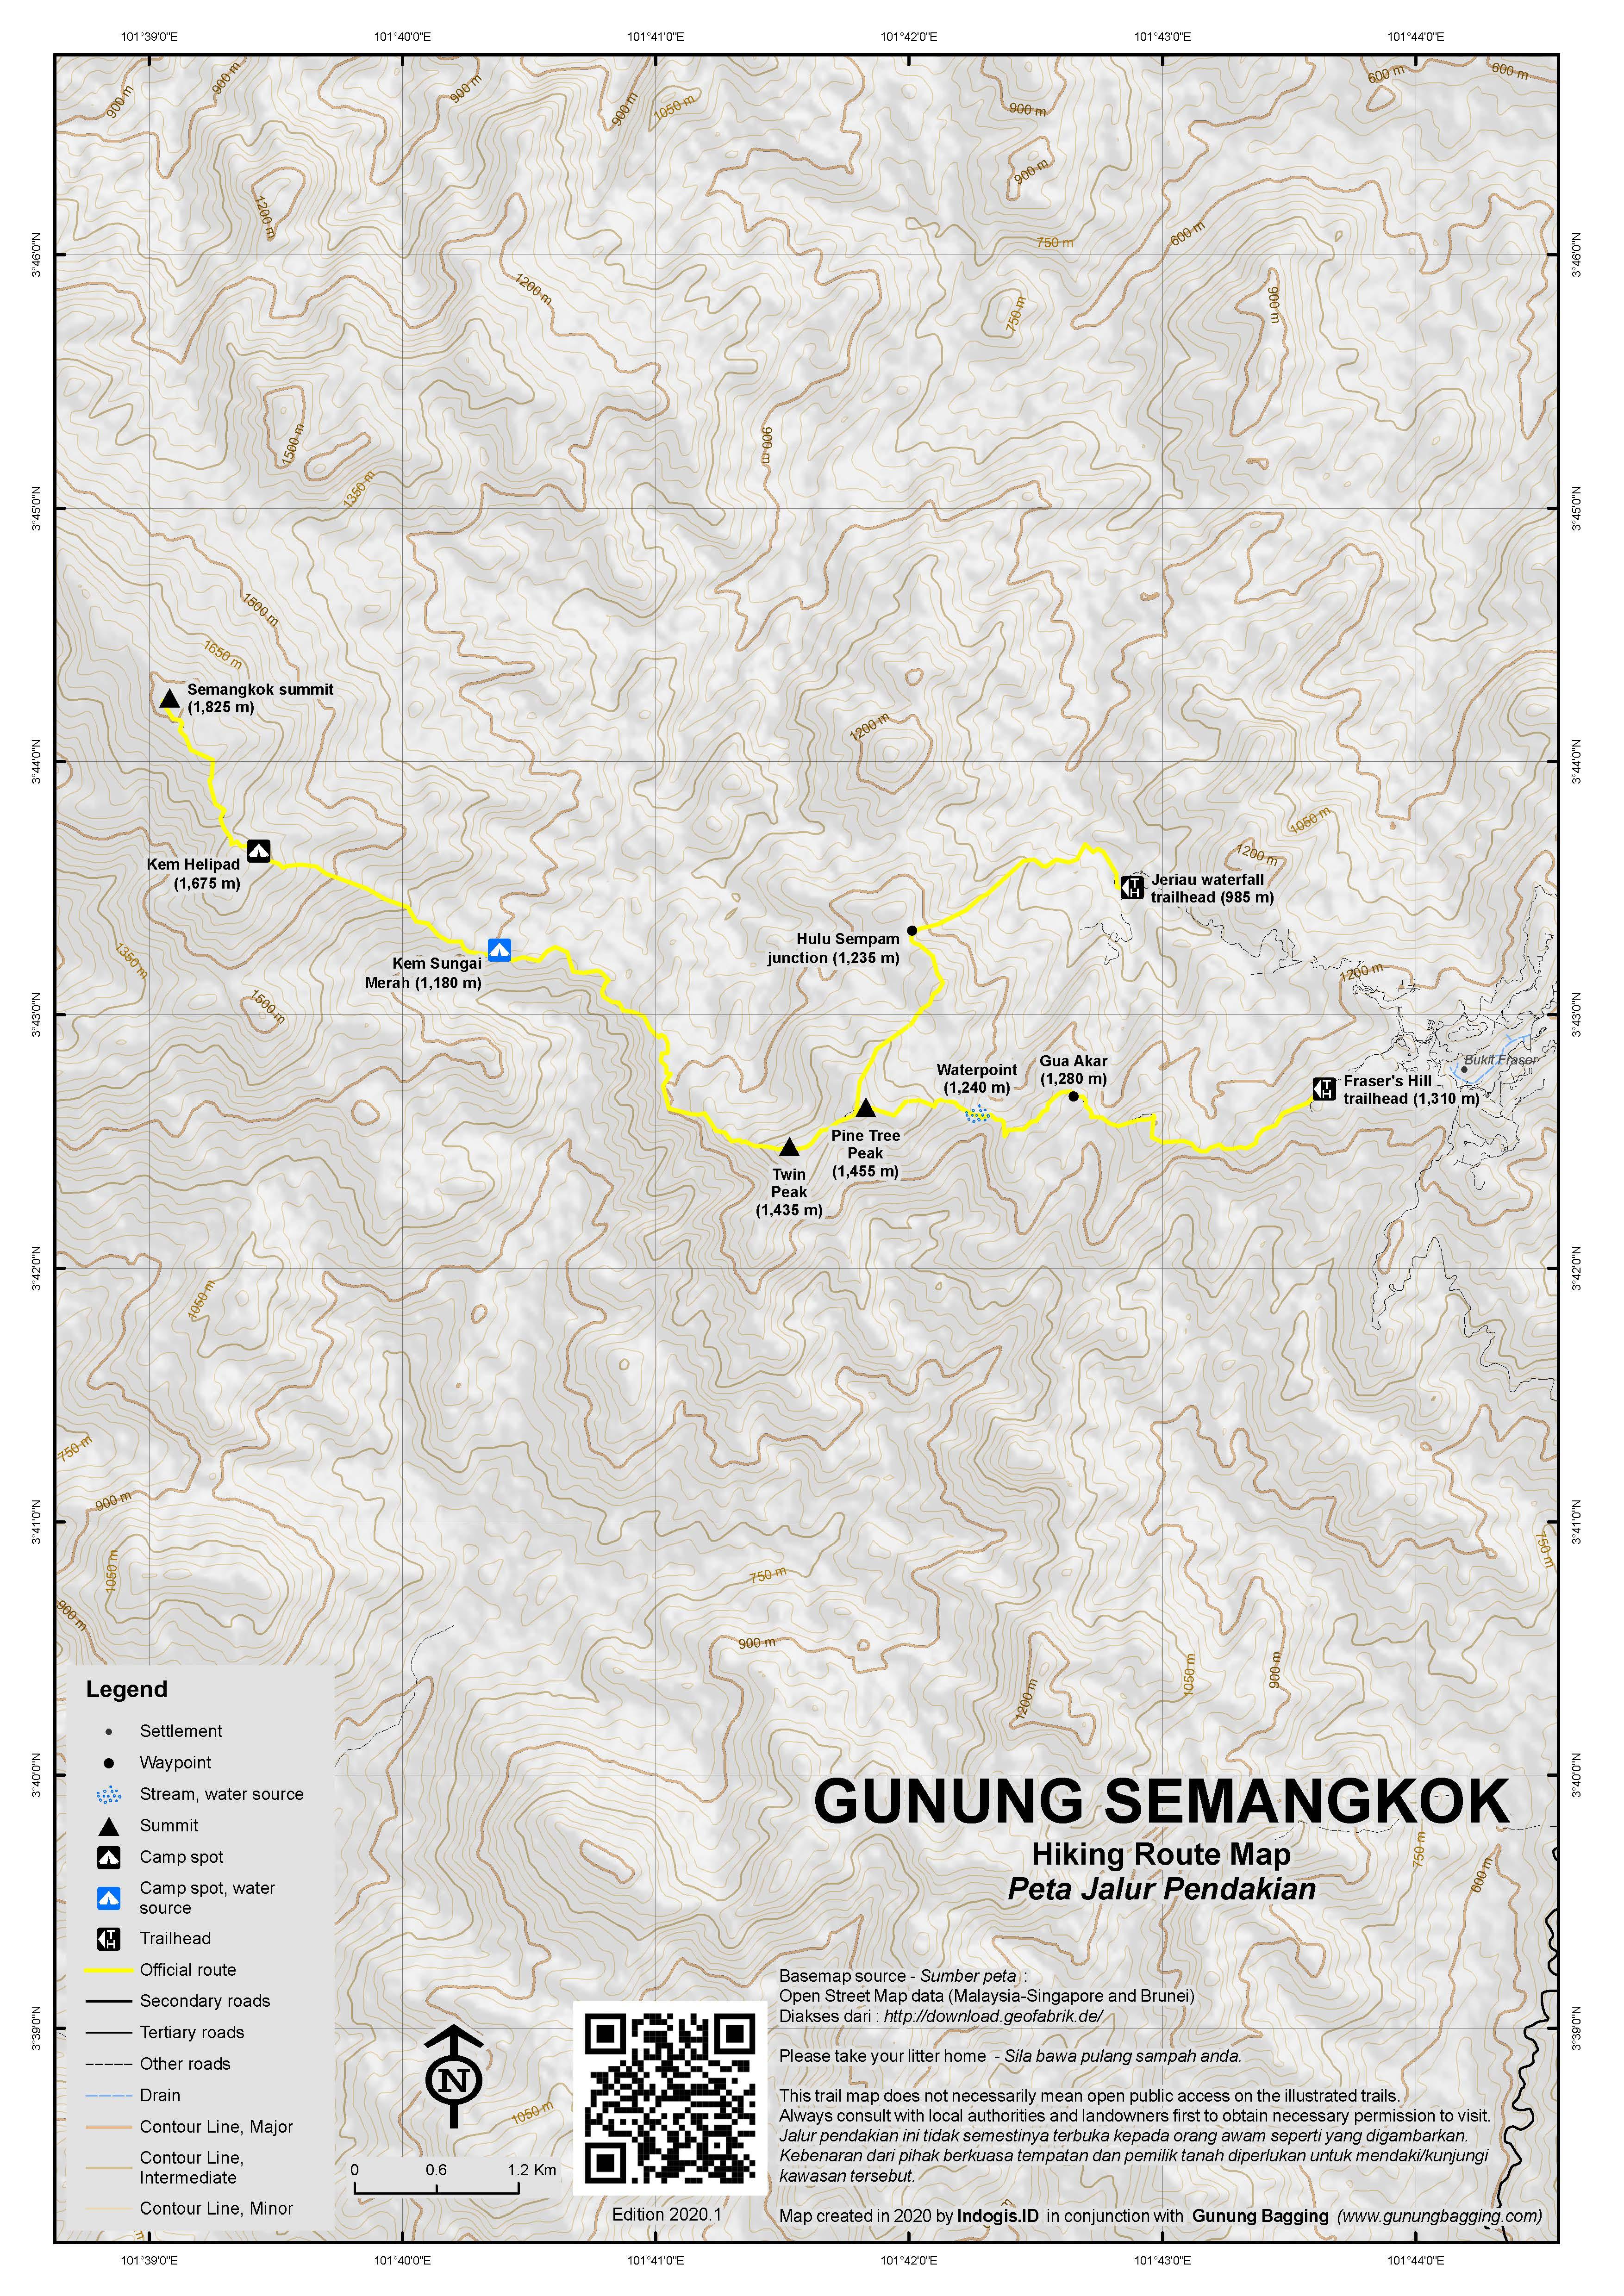 Peta Jalur Pendakian Gunung Semangkok